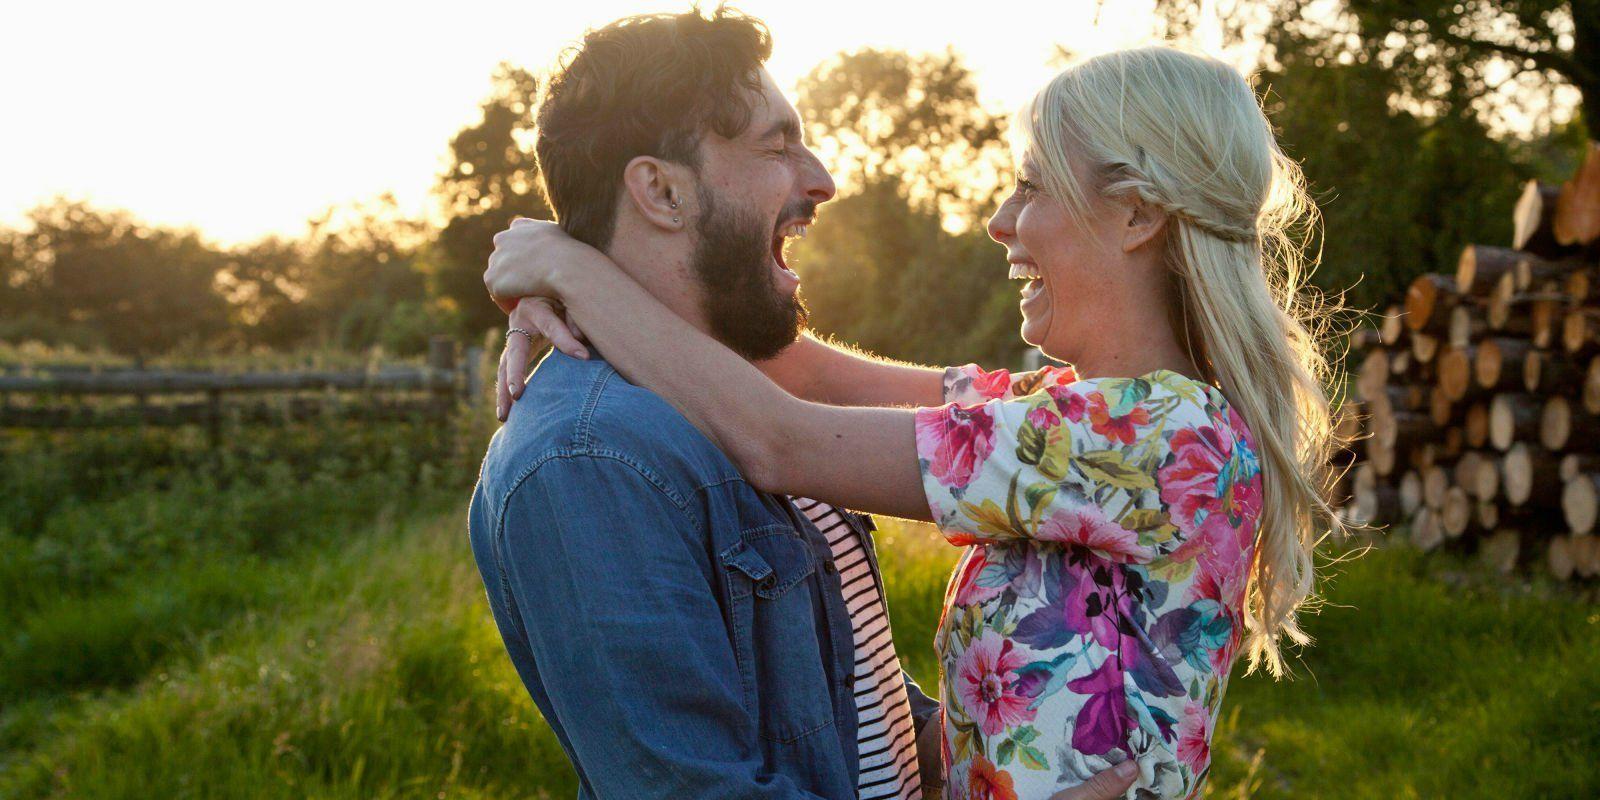 landscape-1448296889-couplelaughing-couple